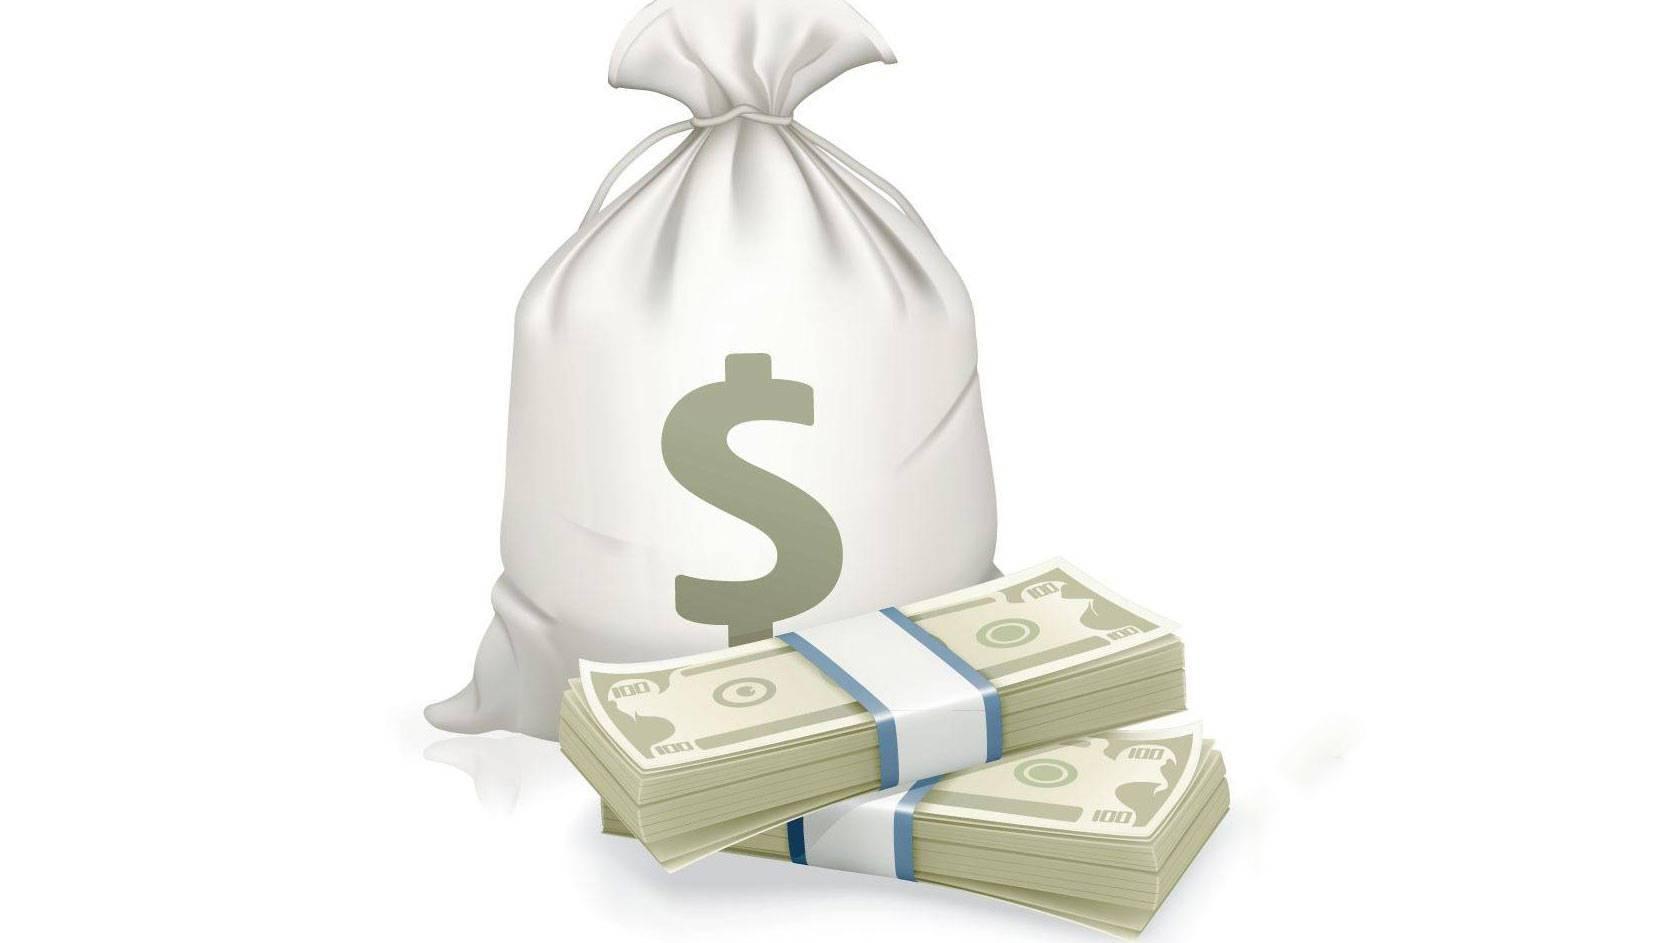 投放抖音广告多少钱?抖音广告怎么收费?